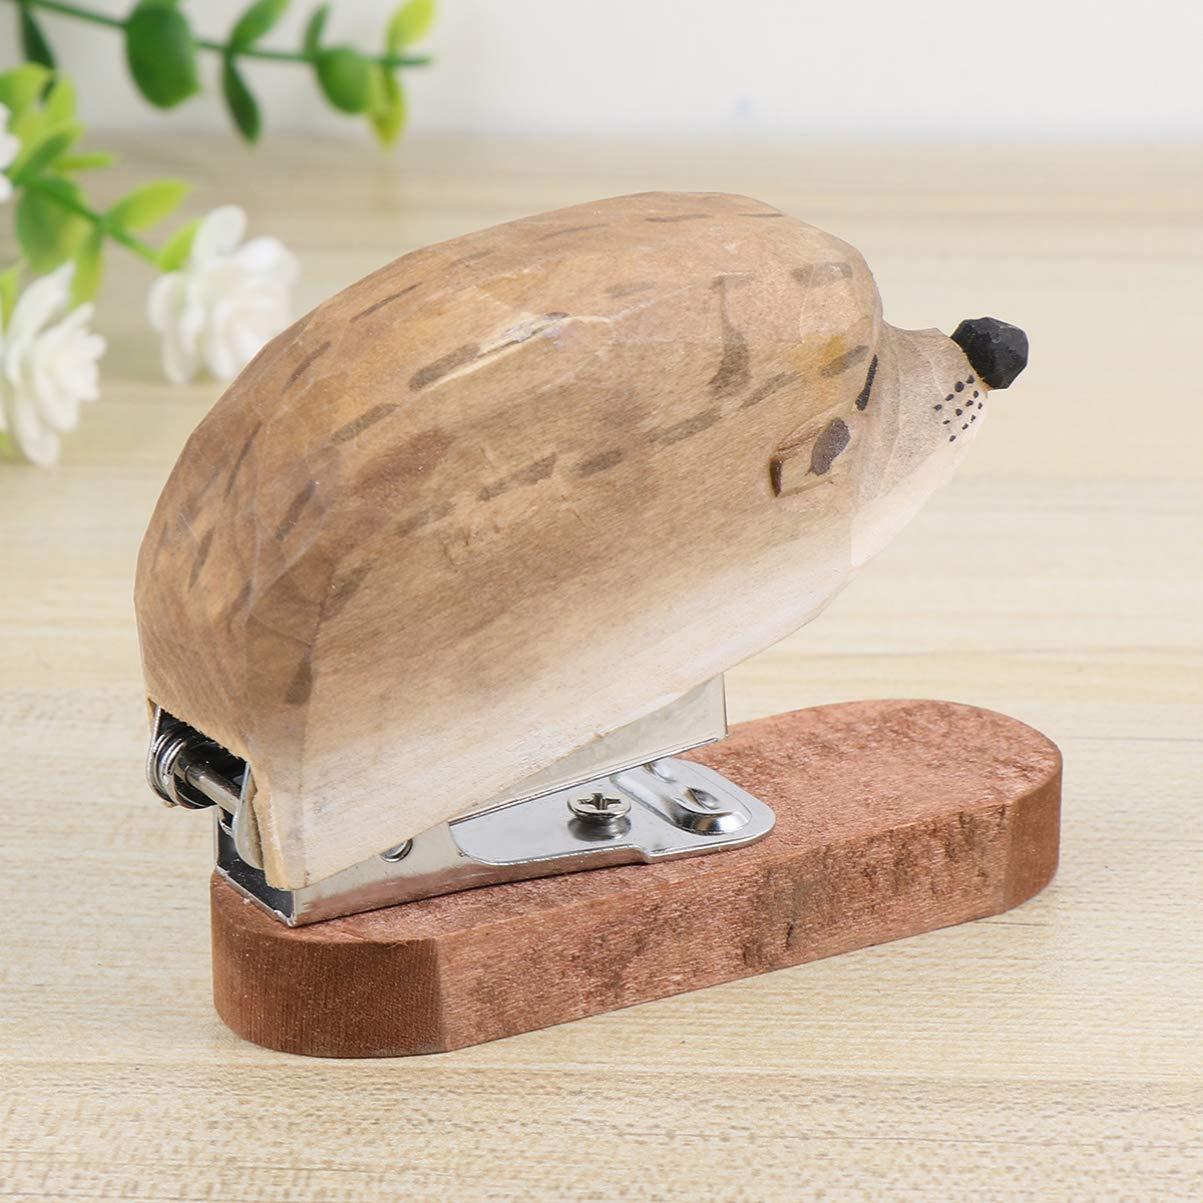 4cm licorne NUOBESTY Mini agrafeuse cr/éative en bois en forme danimal pour /école bureau 12 6